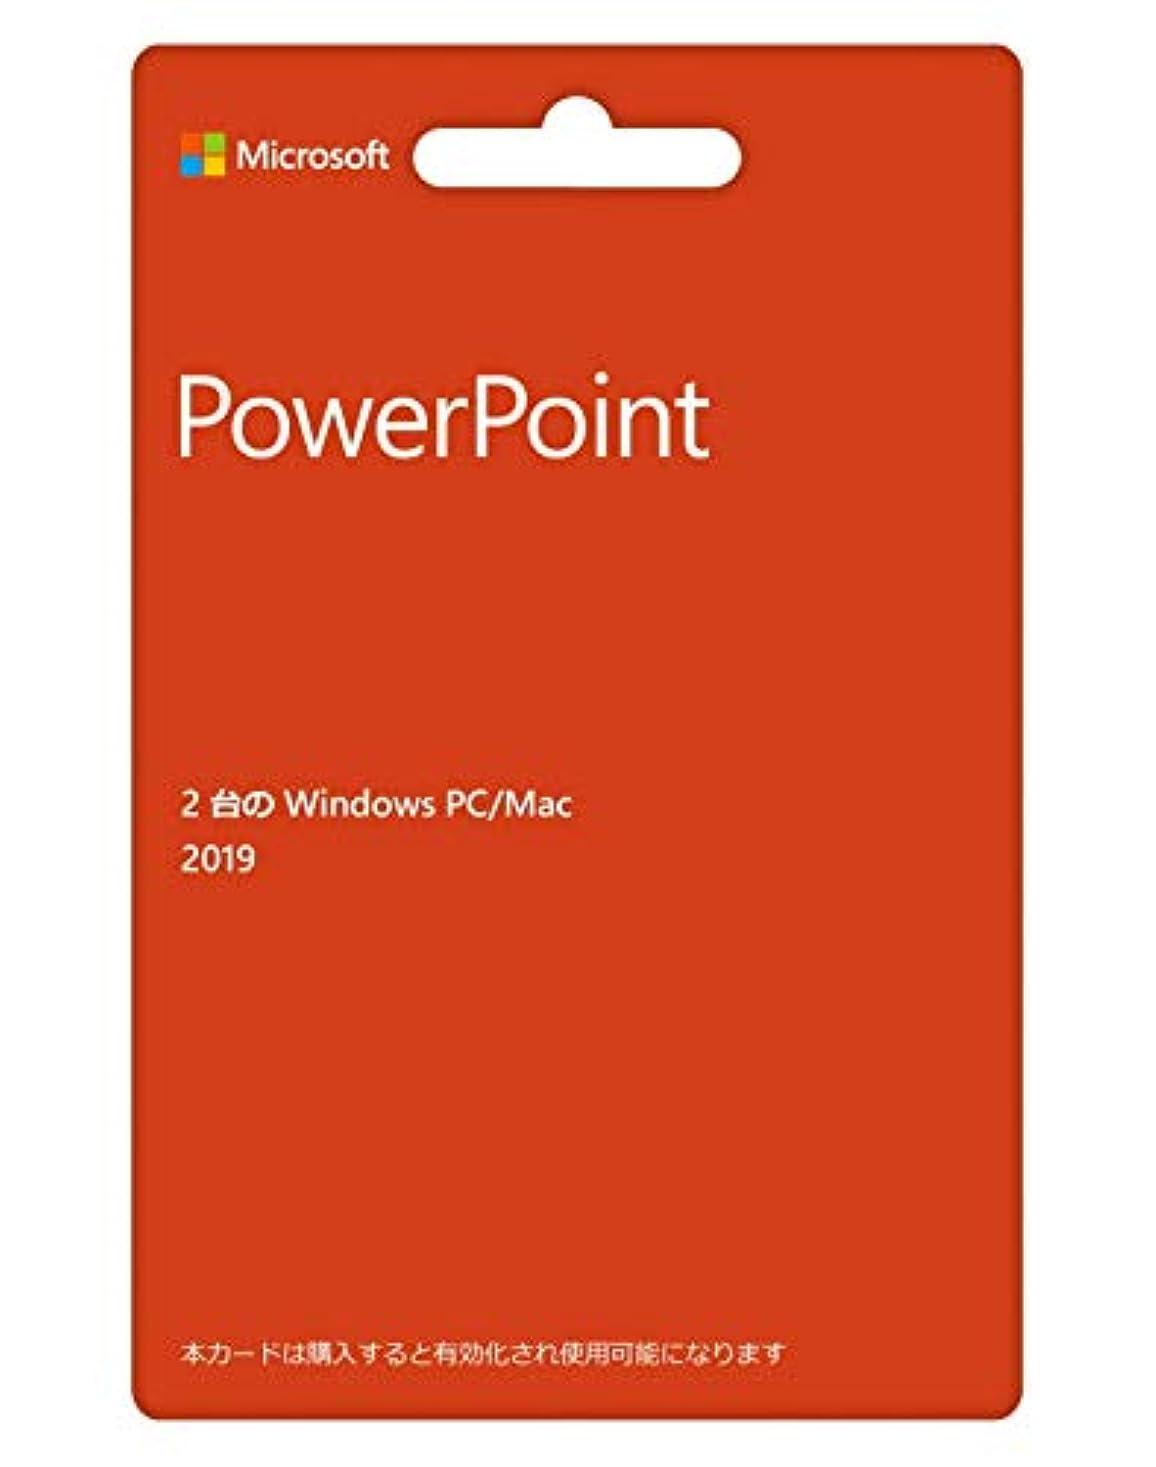 バケット葉ラベMicrosoft PowerPoint 2019(最新 永続版)|カード版|Windows10/mac対応|PC2台